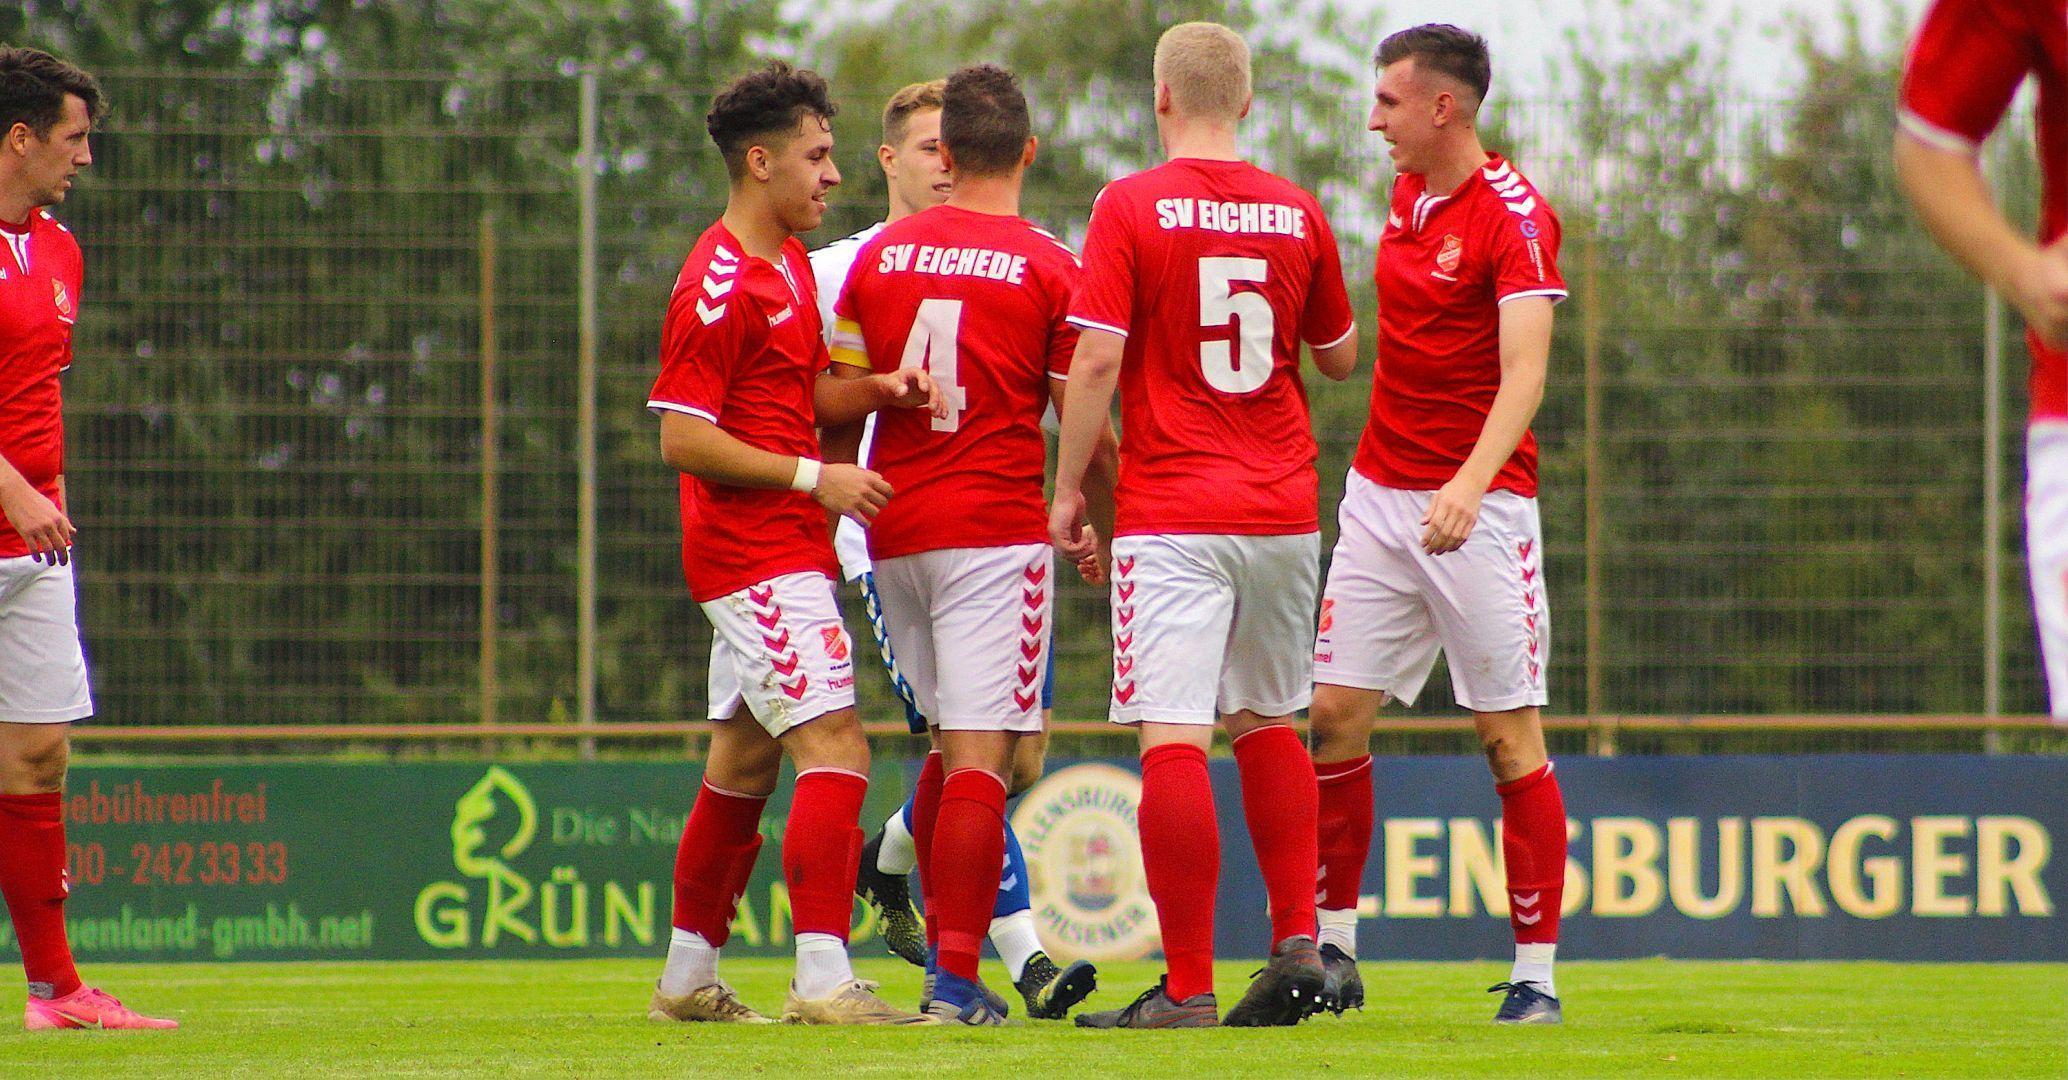 Erfolgreiches Wochenende: U23 und U19 nehmen Tabellenspitze ins Visier